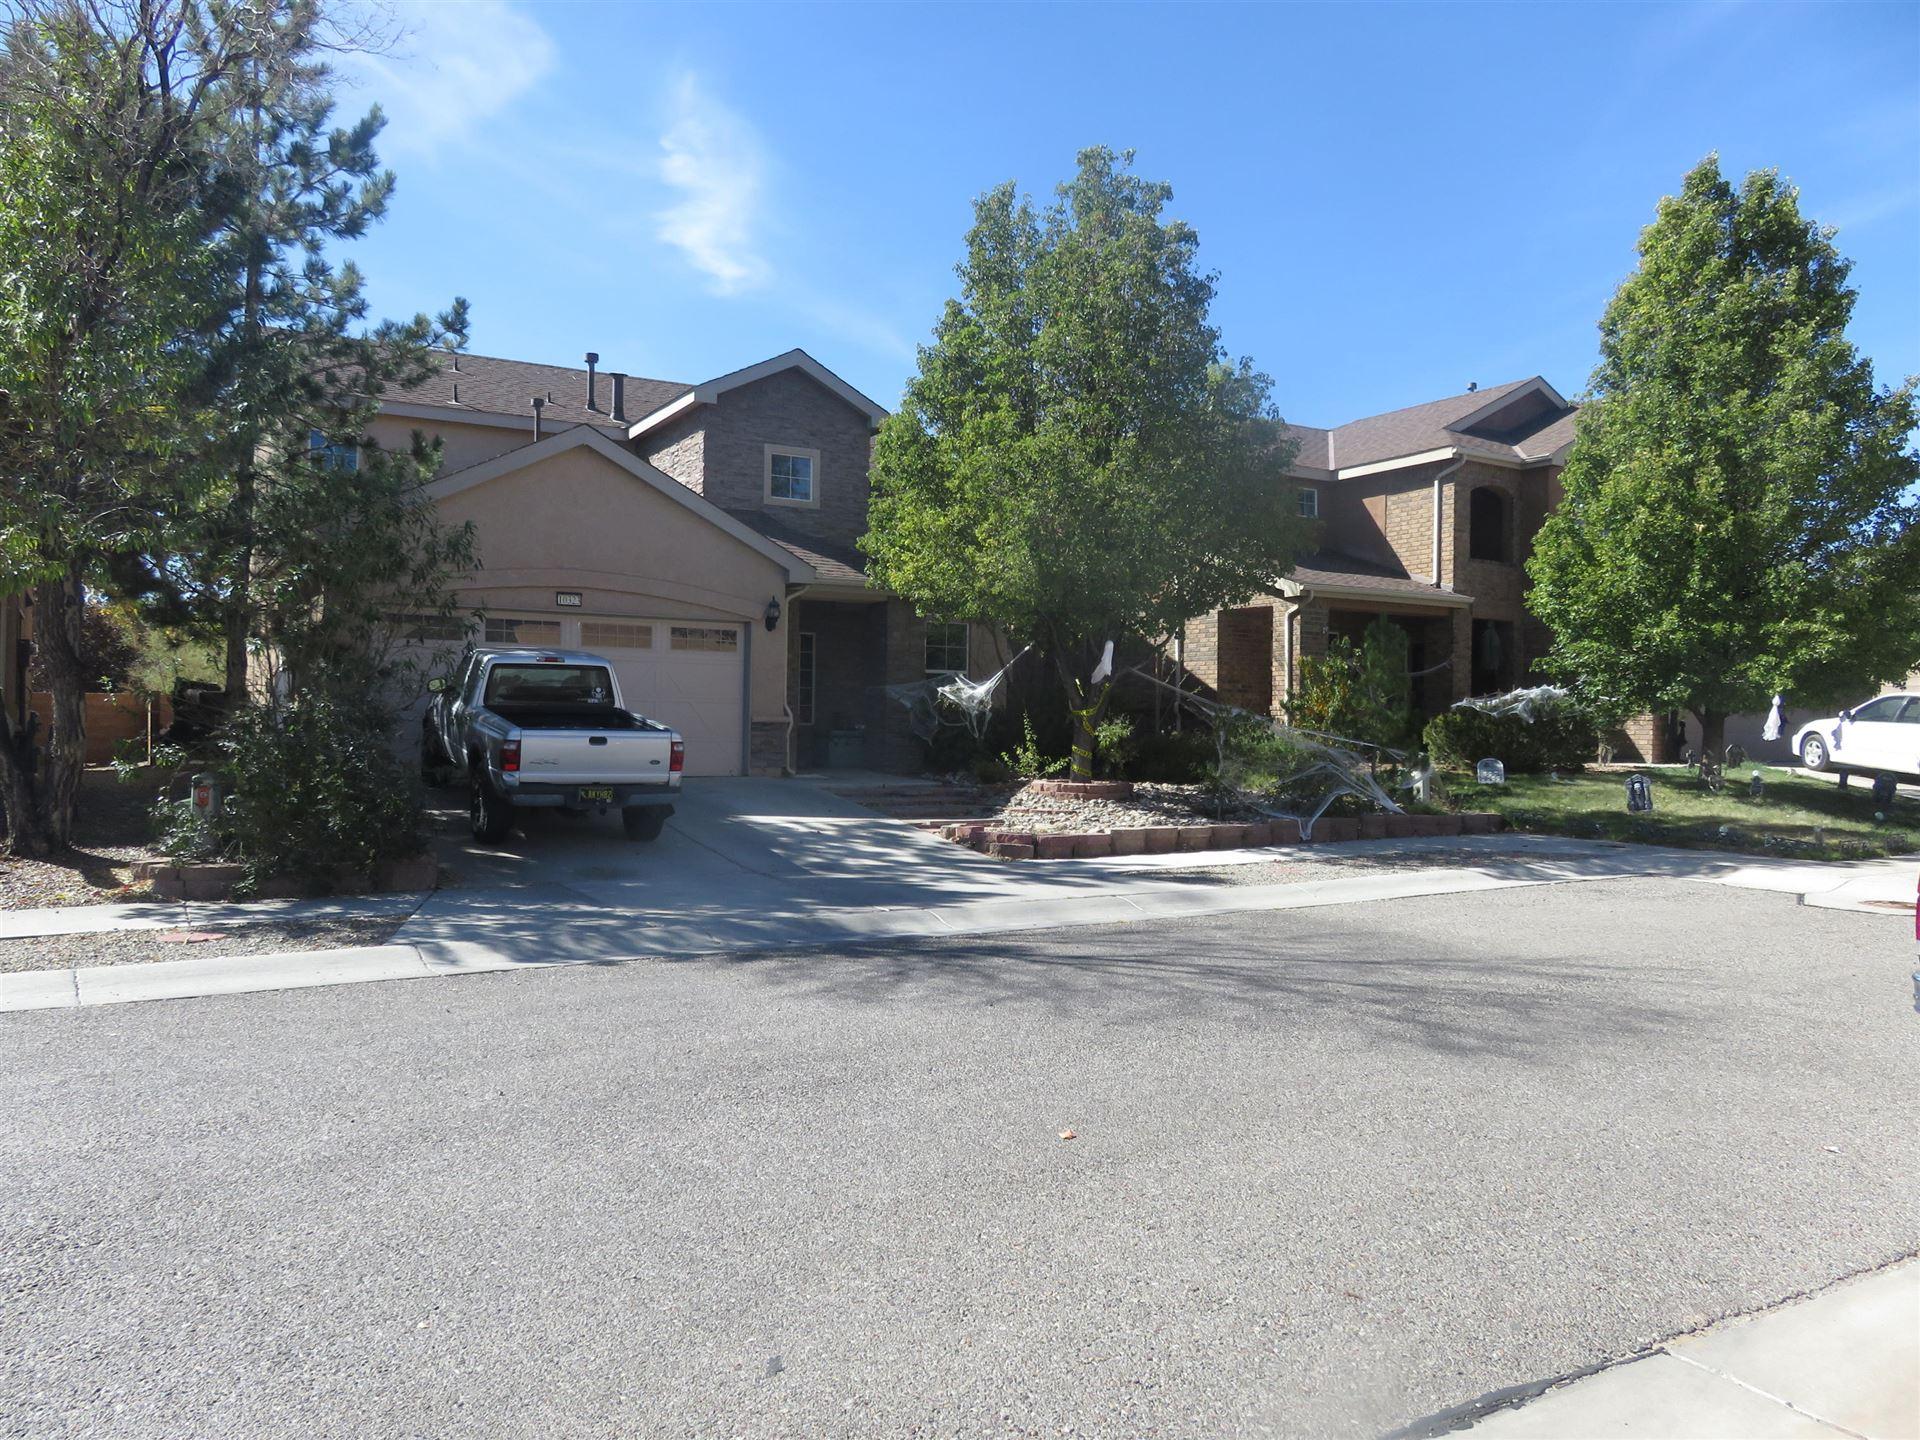 10323 AVENIDA VISTA CERROS NW, Albuquerque, NM 87114 - MLS#: 979575